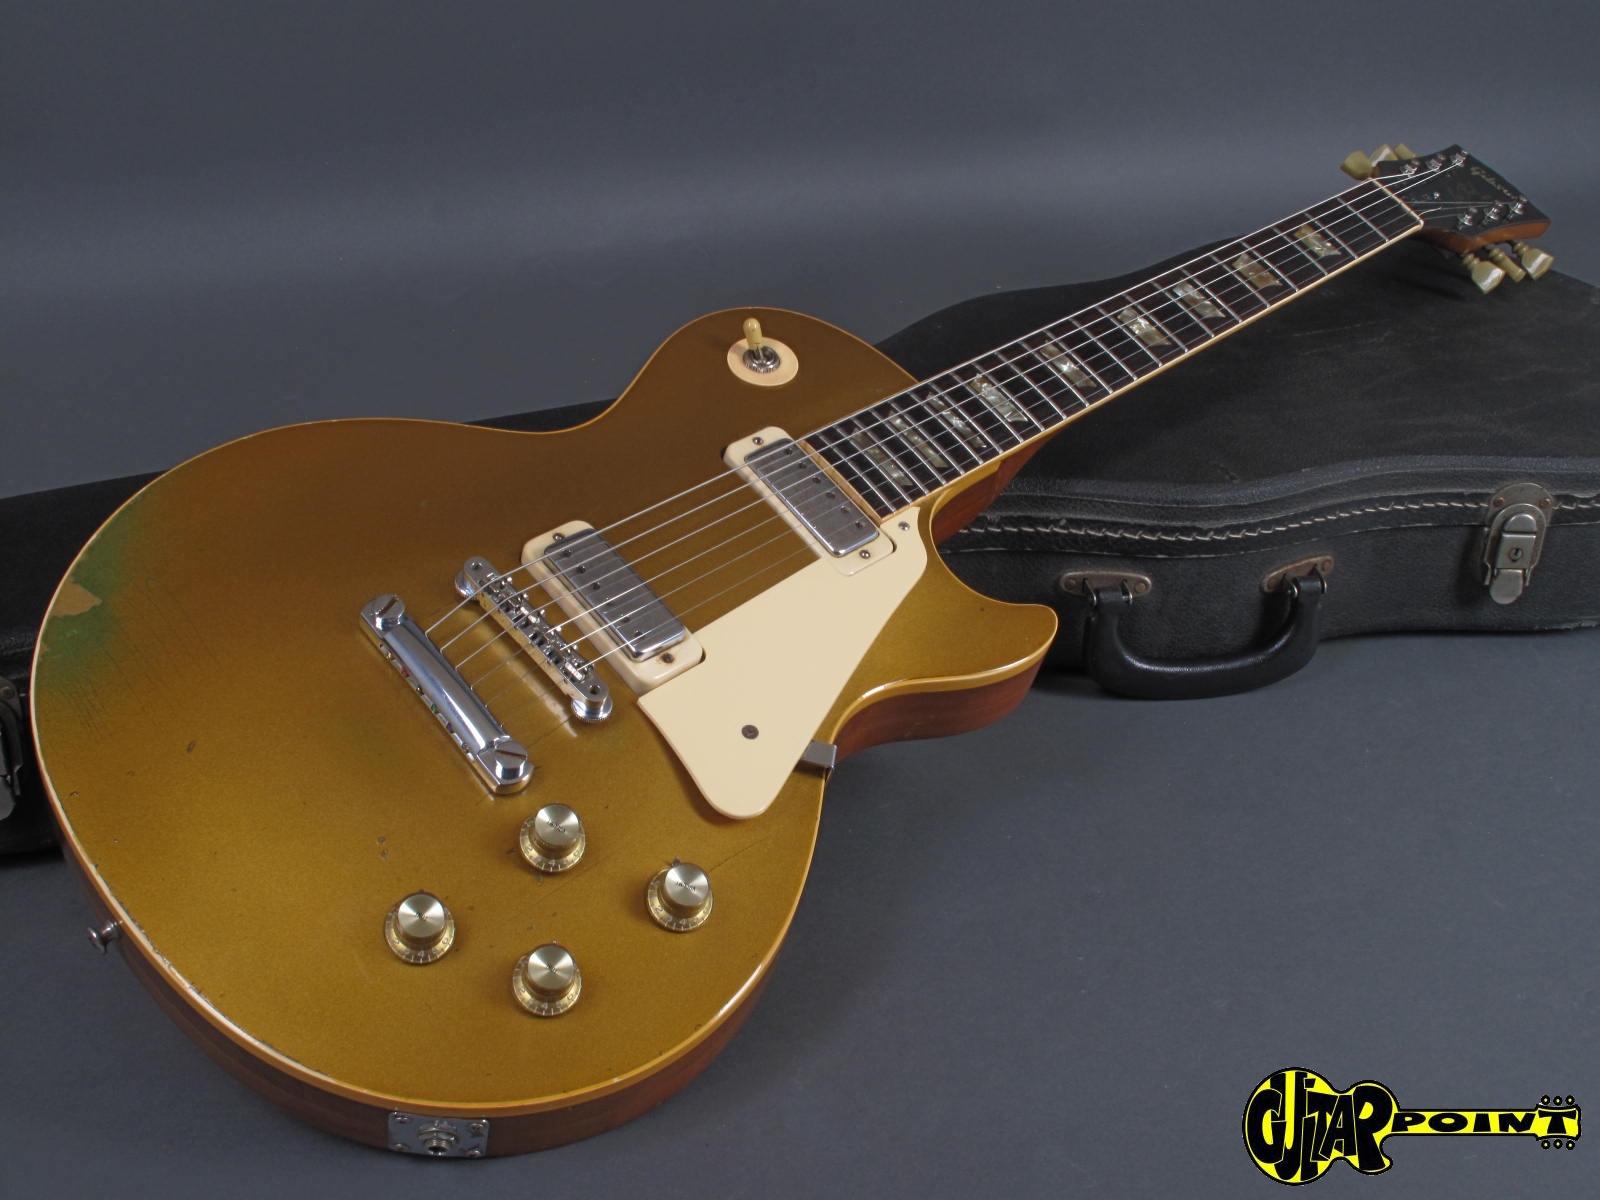 Gibson Les Paul Deluxe Goldtop : gibson les paul deluxe 1973 goldtop gold metallic guitar for sale guitarpoint ~ Russianpoet.info Haus und Dekorationen